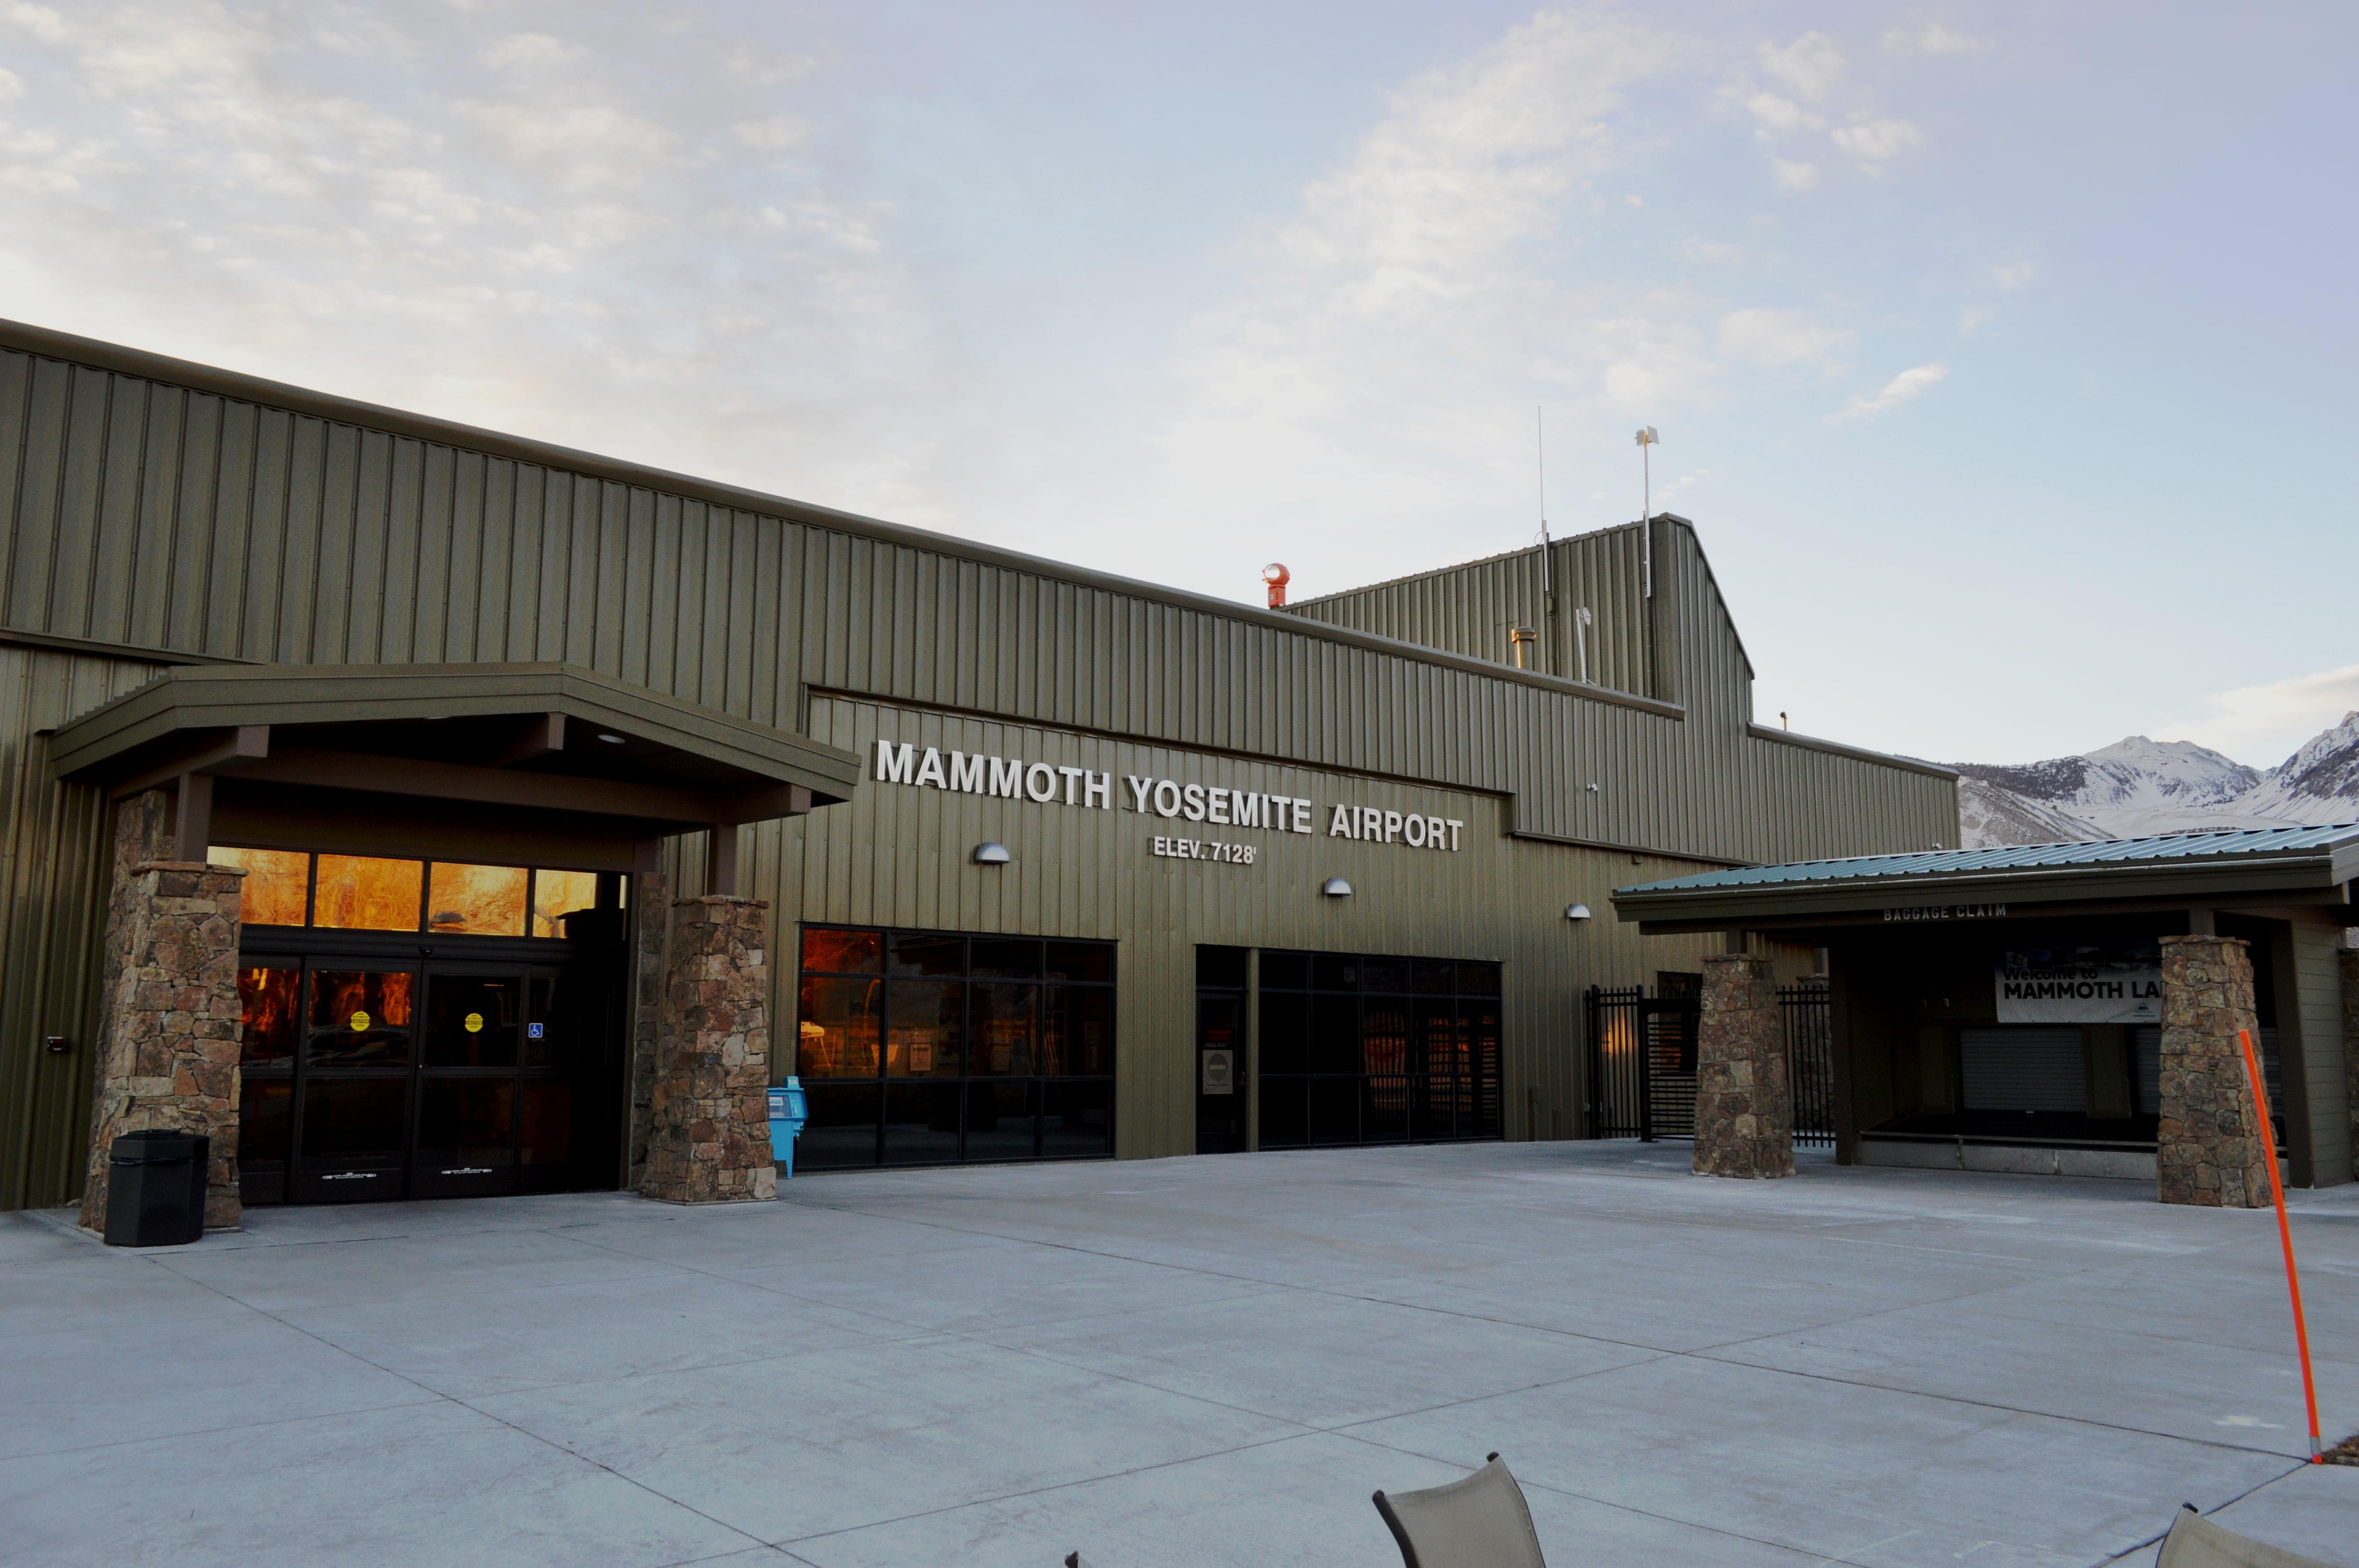 Mammoth Lakes Rental Car Airport